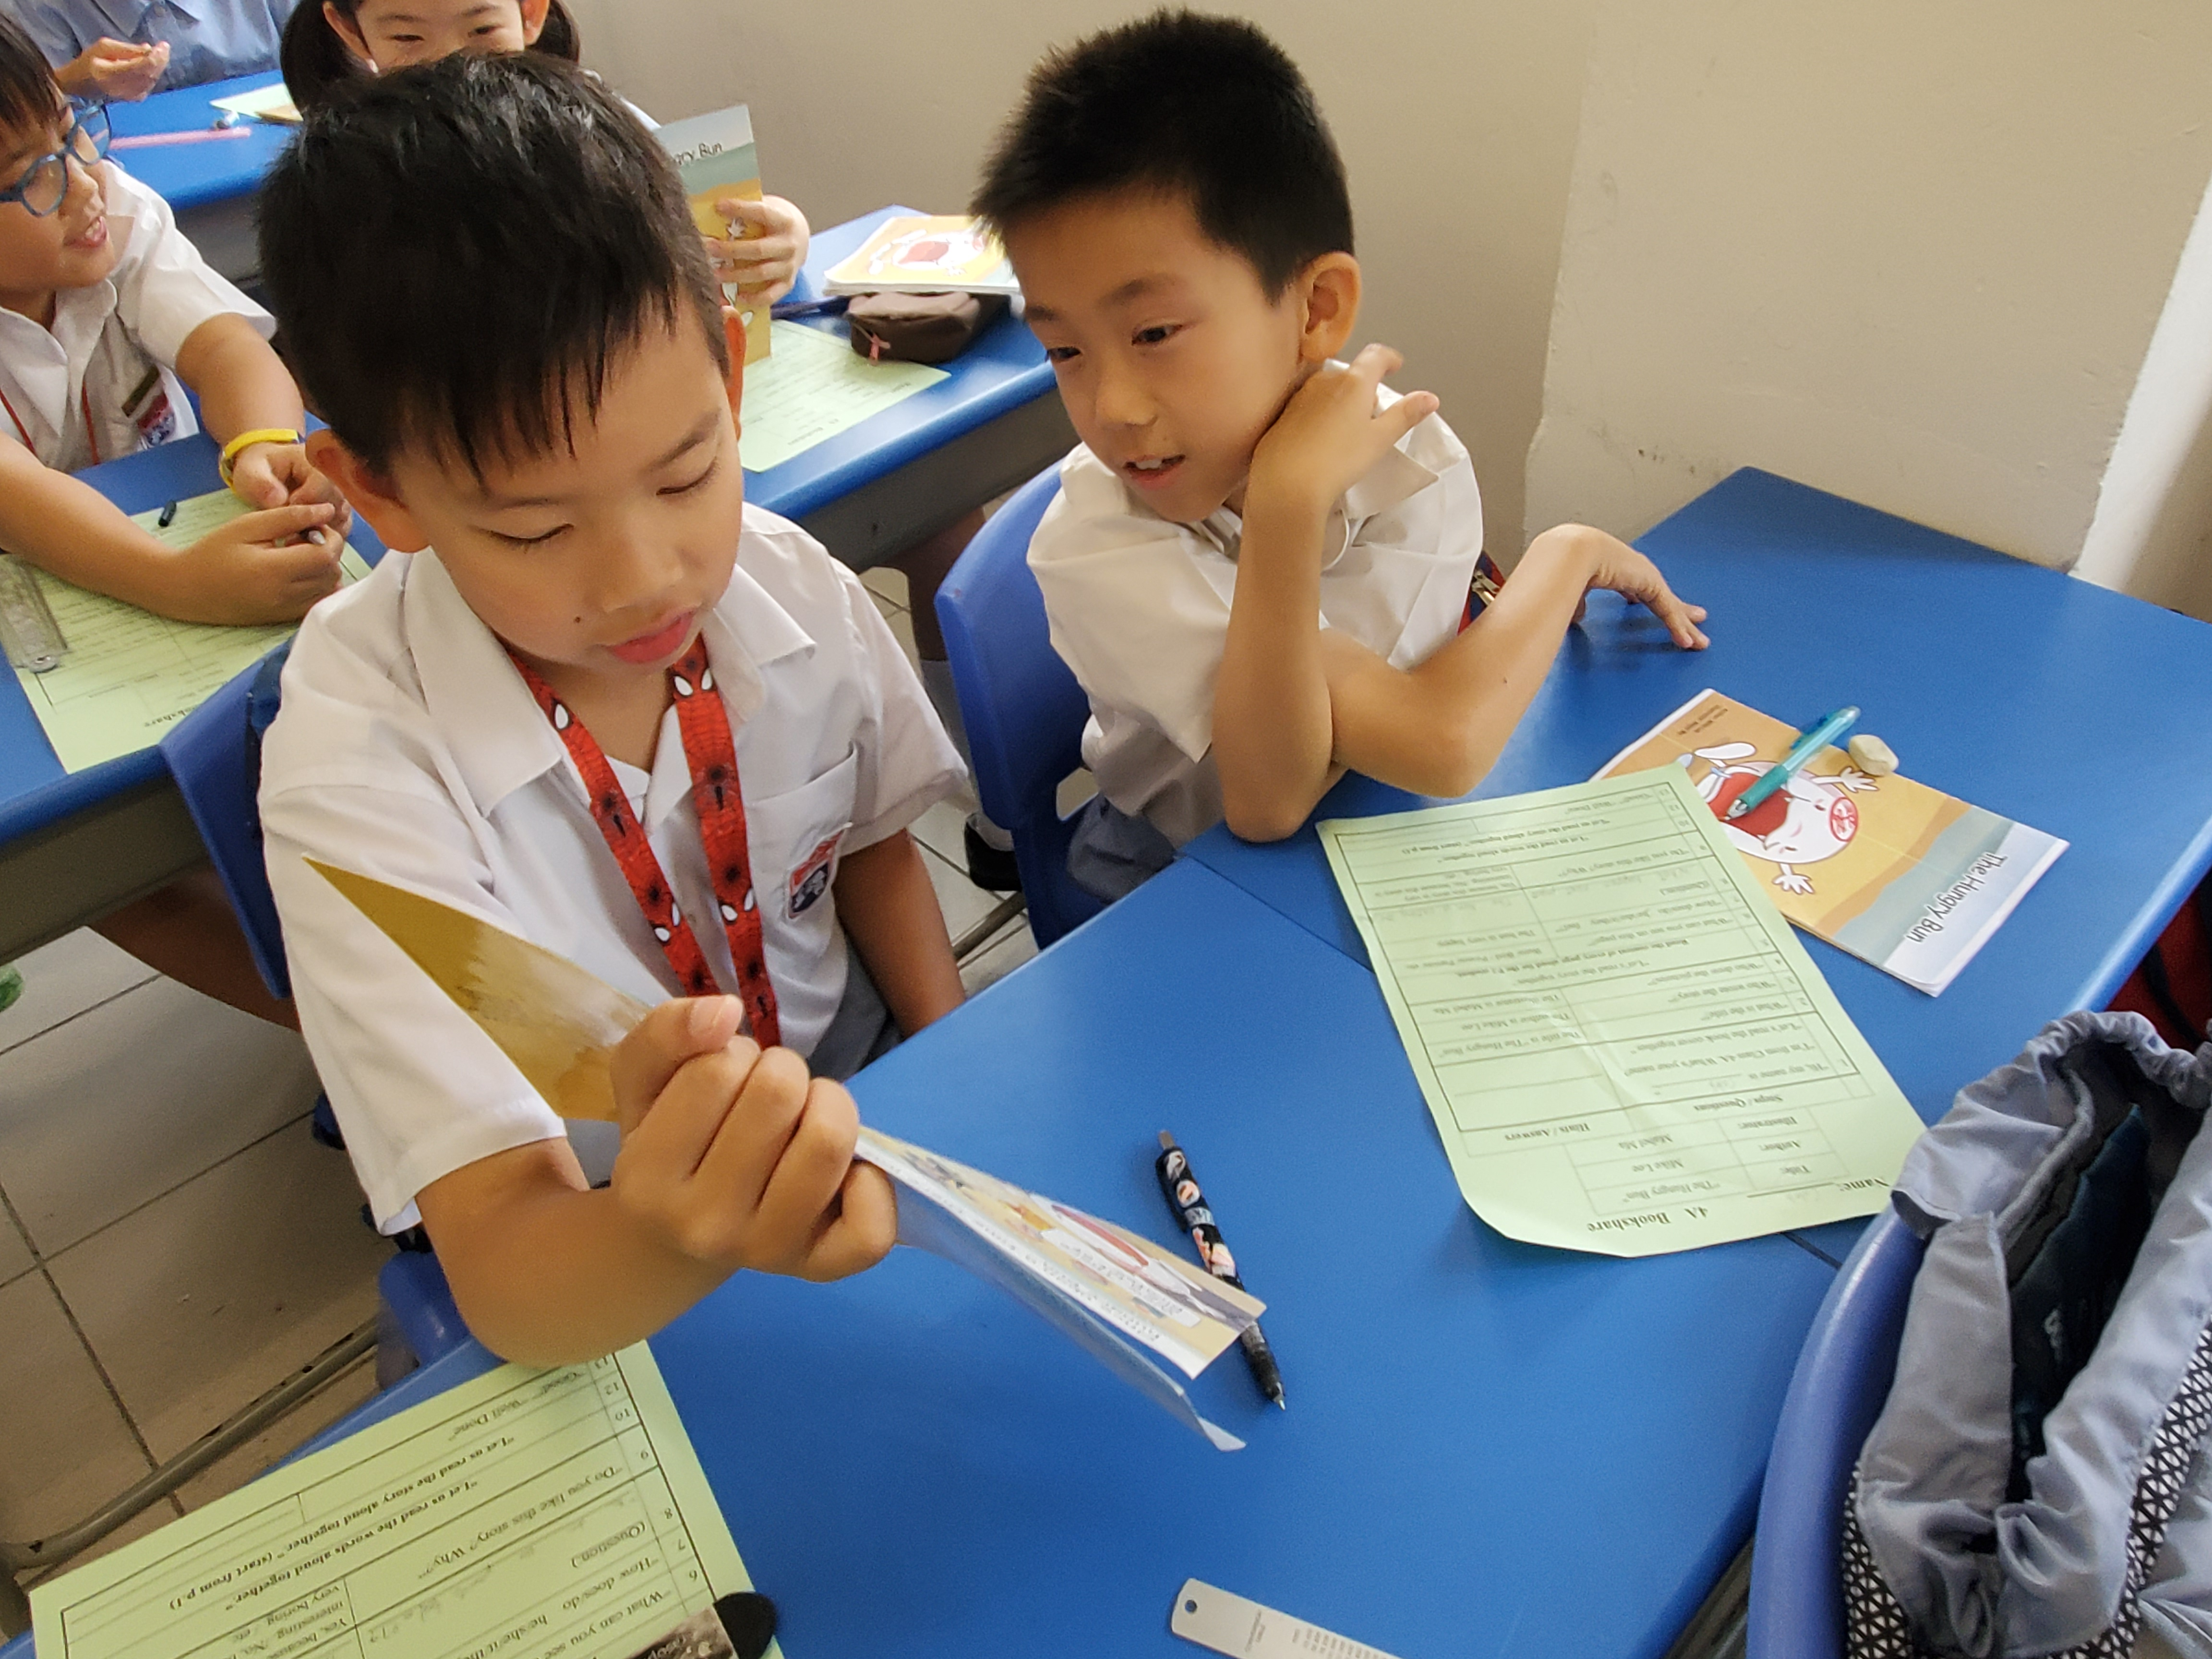 http://www.keiwan.edu.hk/sites/default/files/10_2.jpg